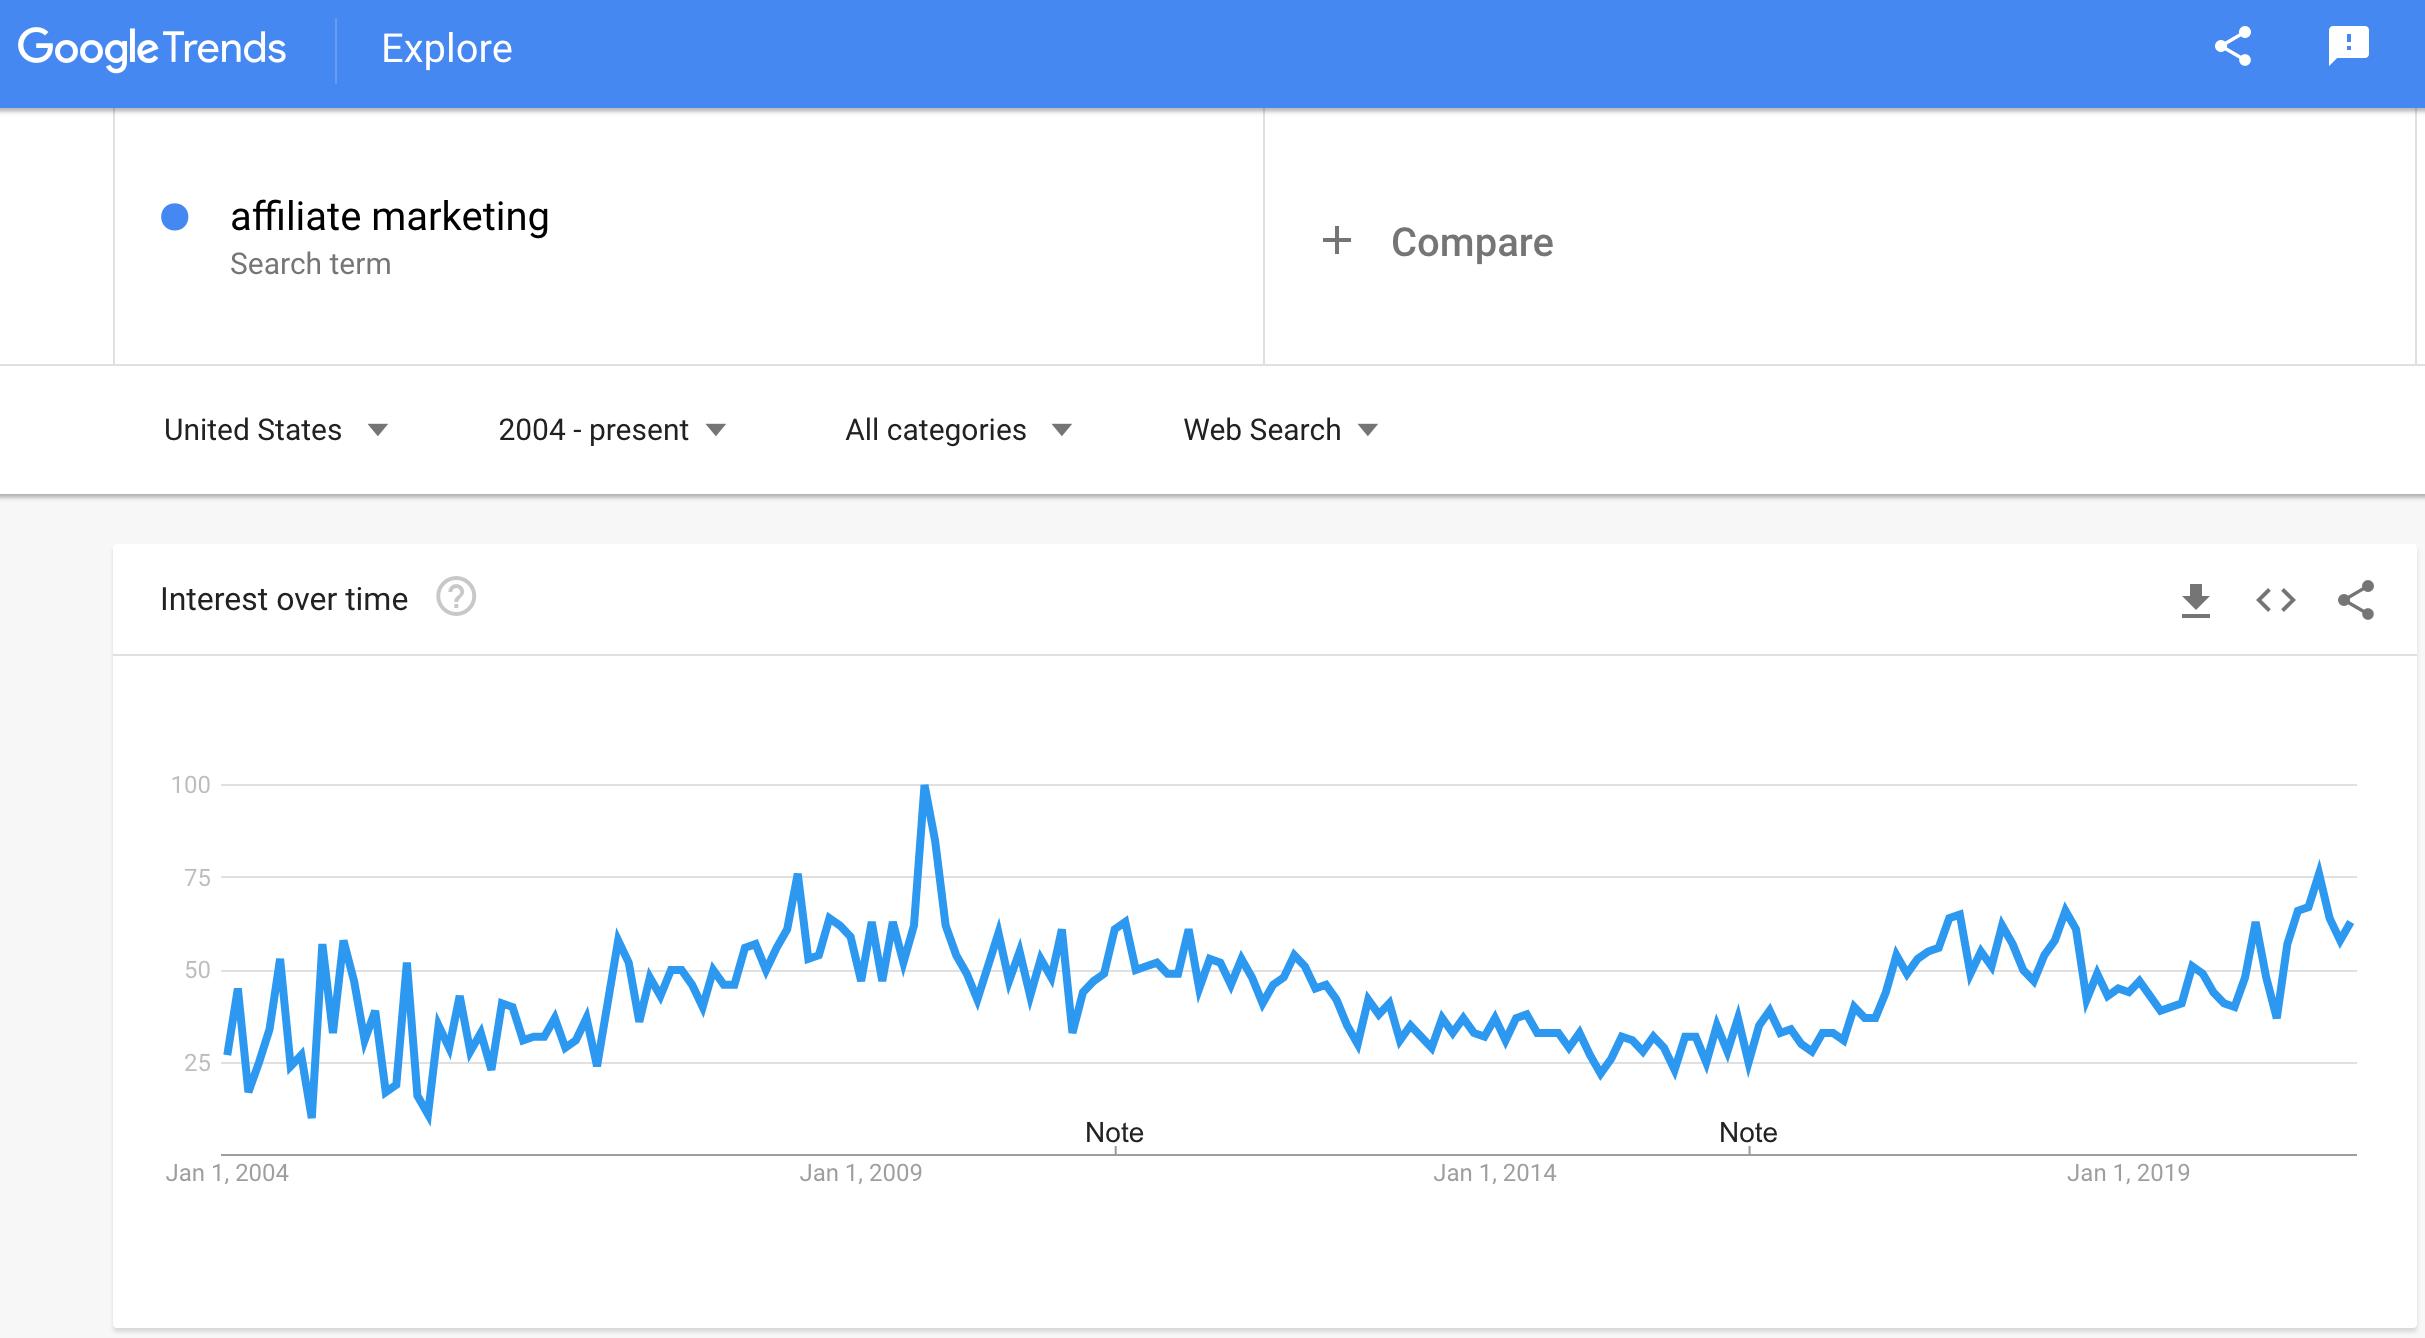 联盟营销趋势